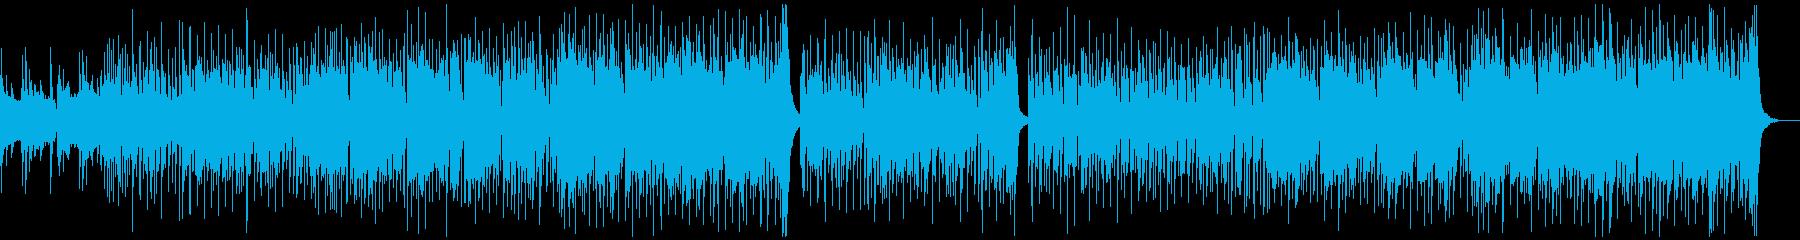 ピアニカ生演奏、軽快、楽しい、わくわくの再生済みの波形